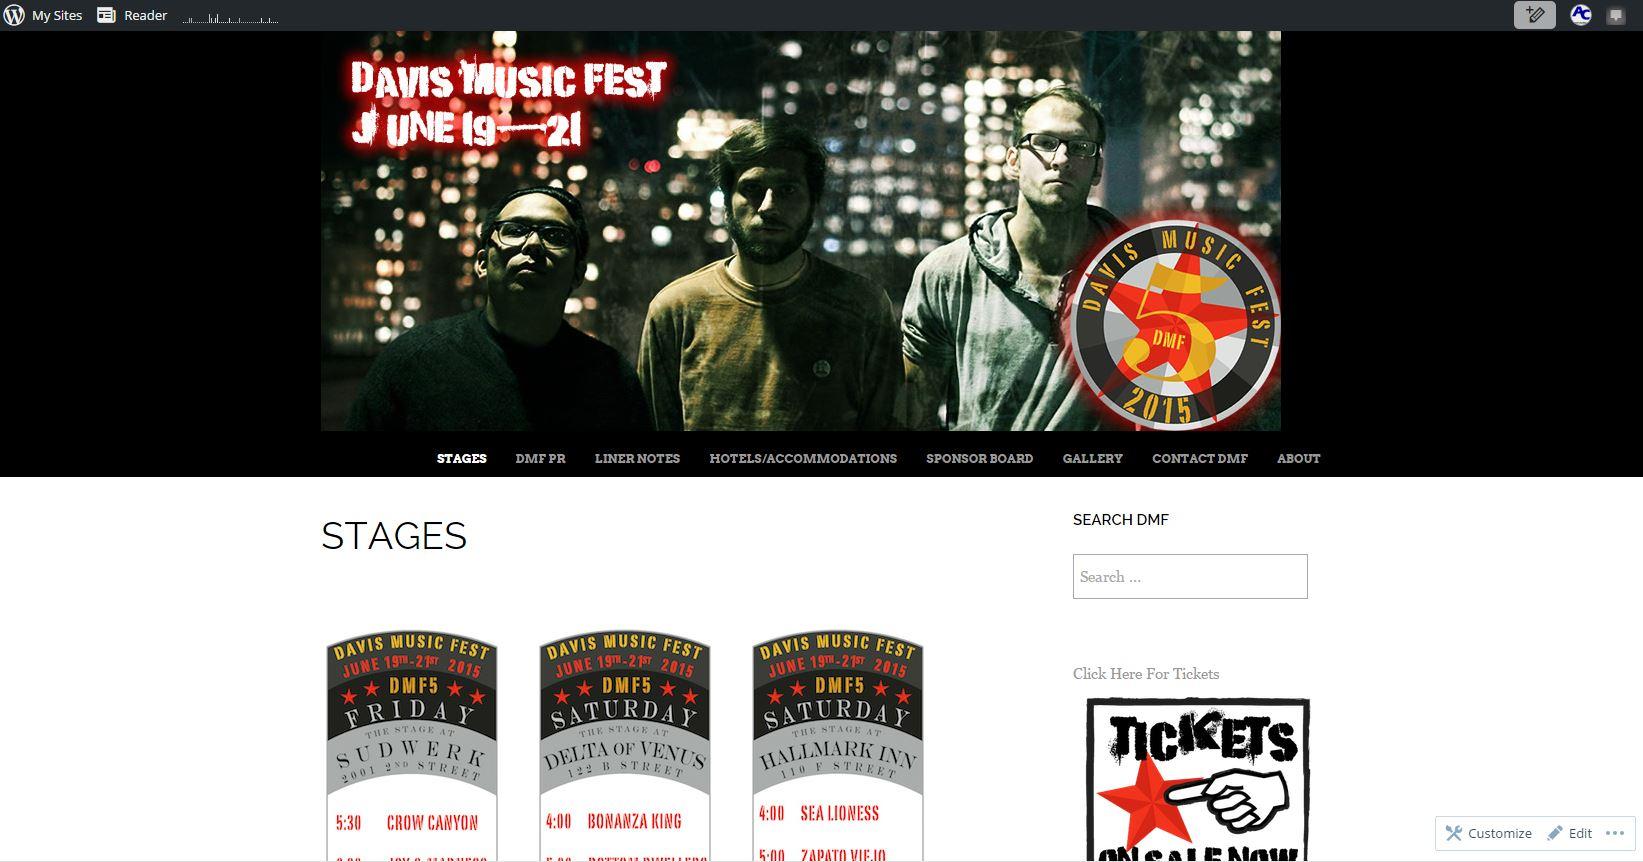 Screenshot of DavisMusicFest.com